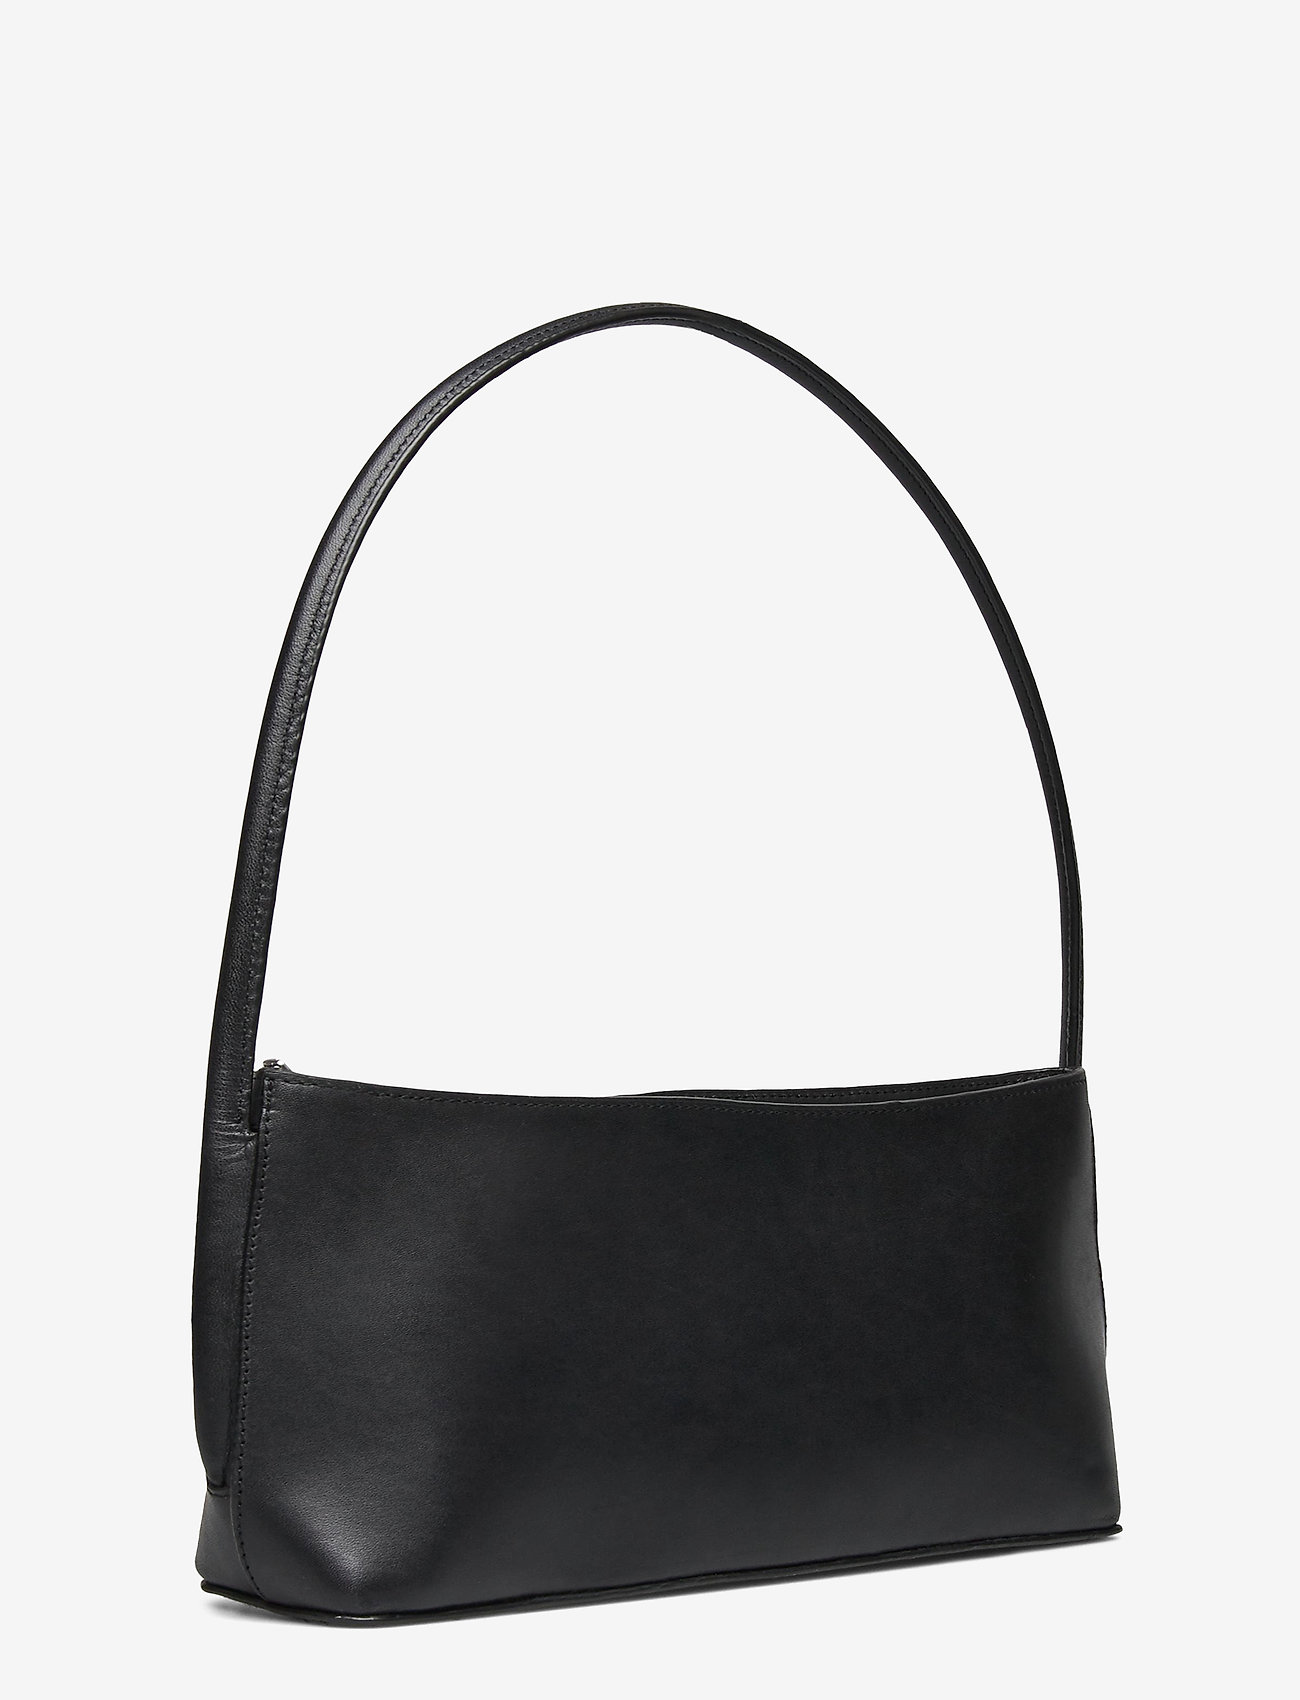 VAGABOND - VERONA - väskor - black - 2